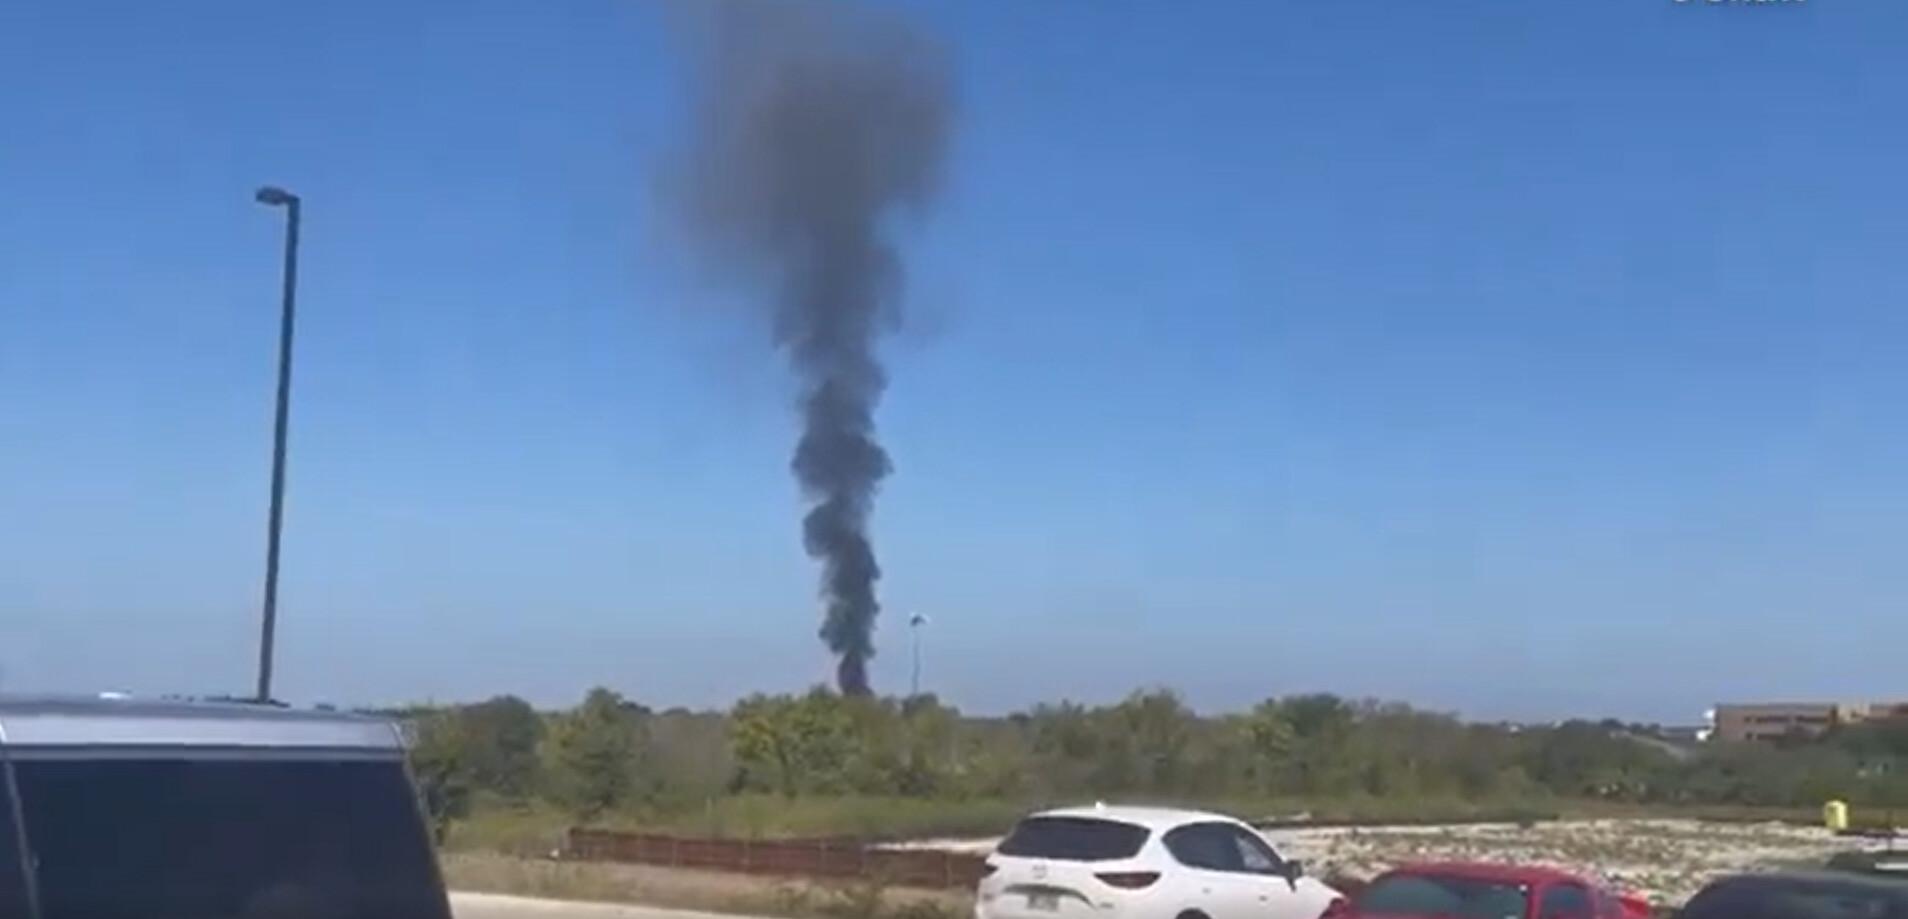 Avión militar se estrella contra casas en Lake Worth, Texas: Funcionarios